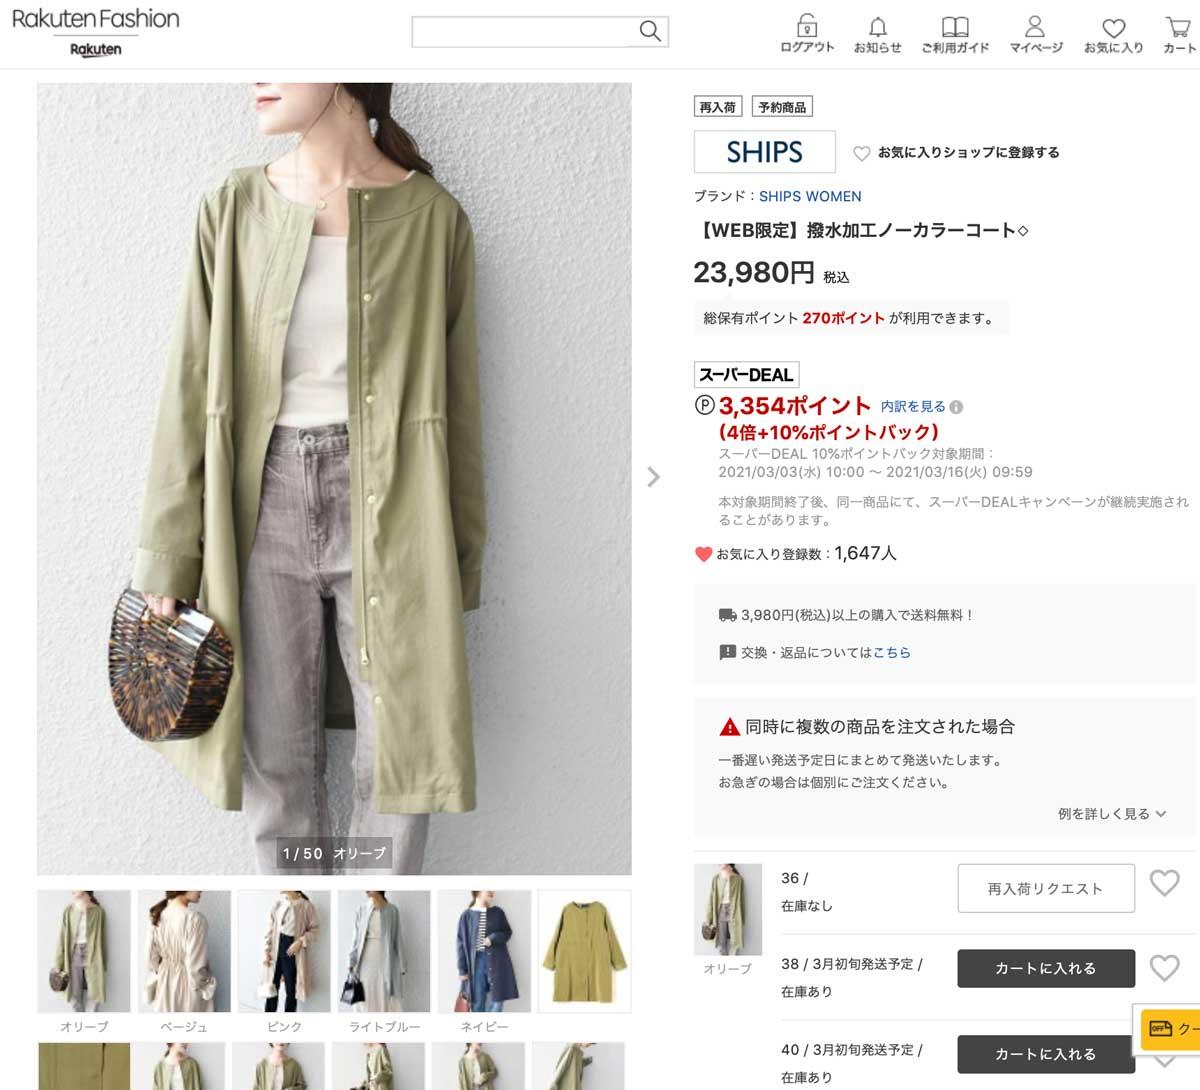 春物の準備に!楽天ファッションで人気の女性アイテムをまとめた!評価やレビュー、感想も! brandavenue-rakuten-fashion_02_05